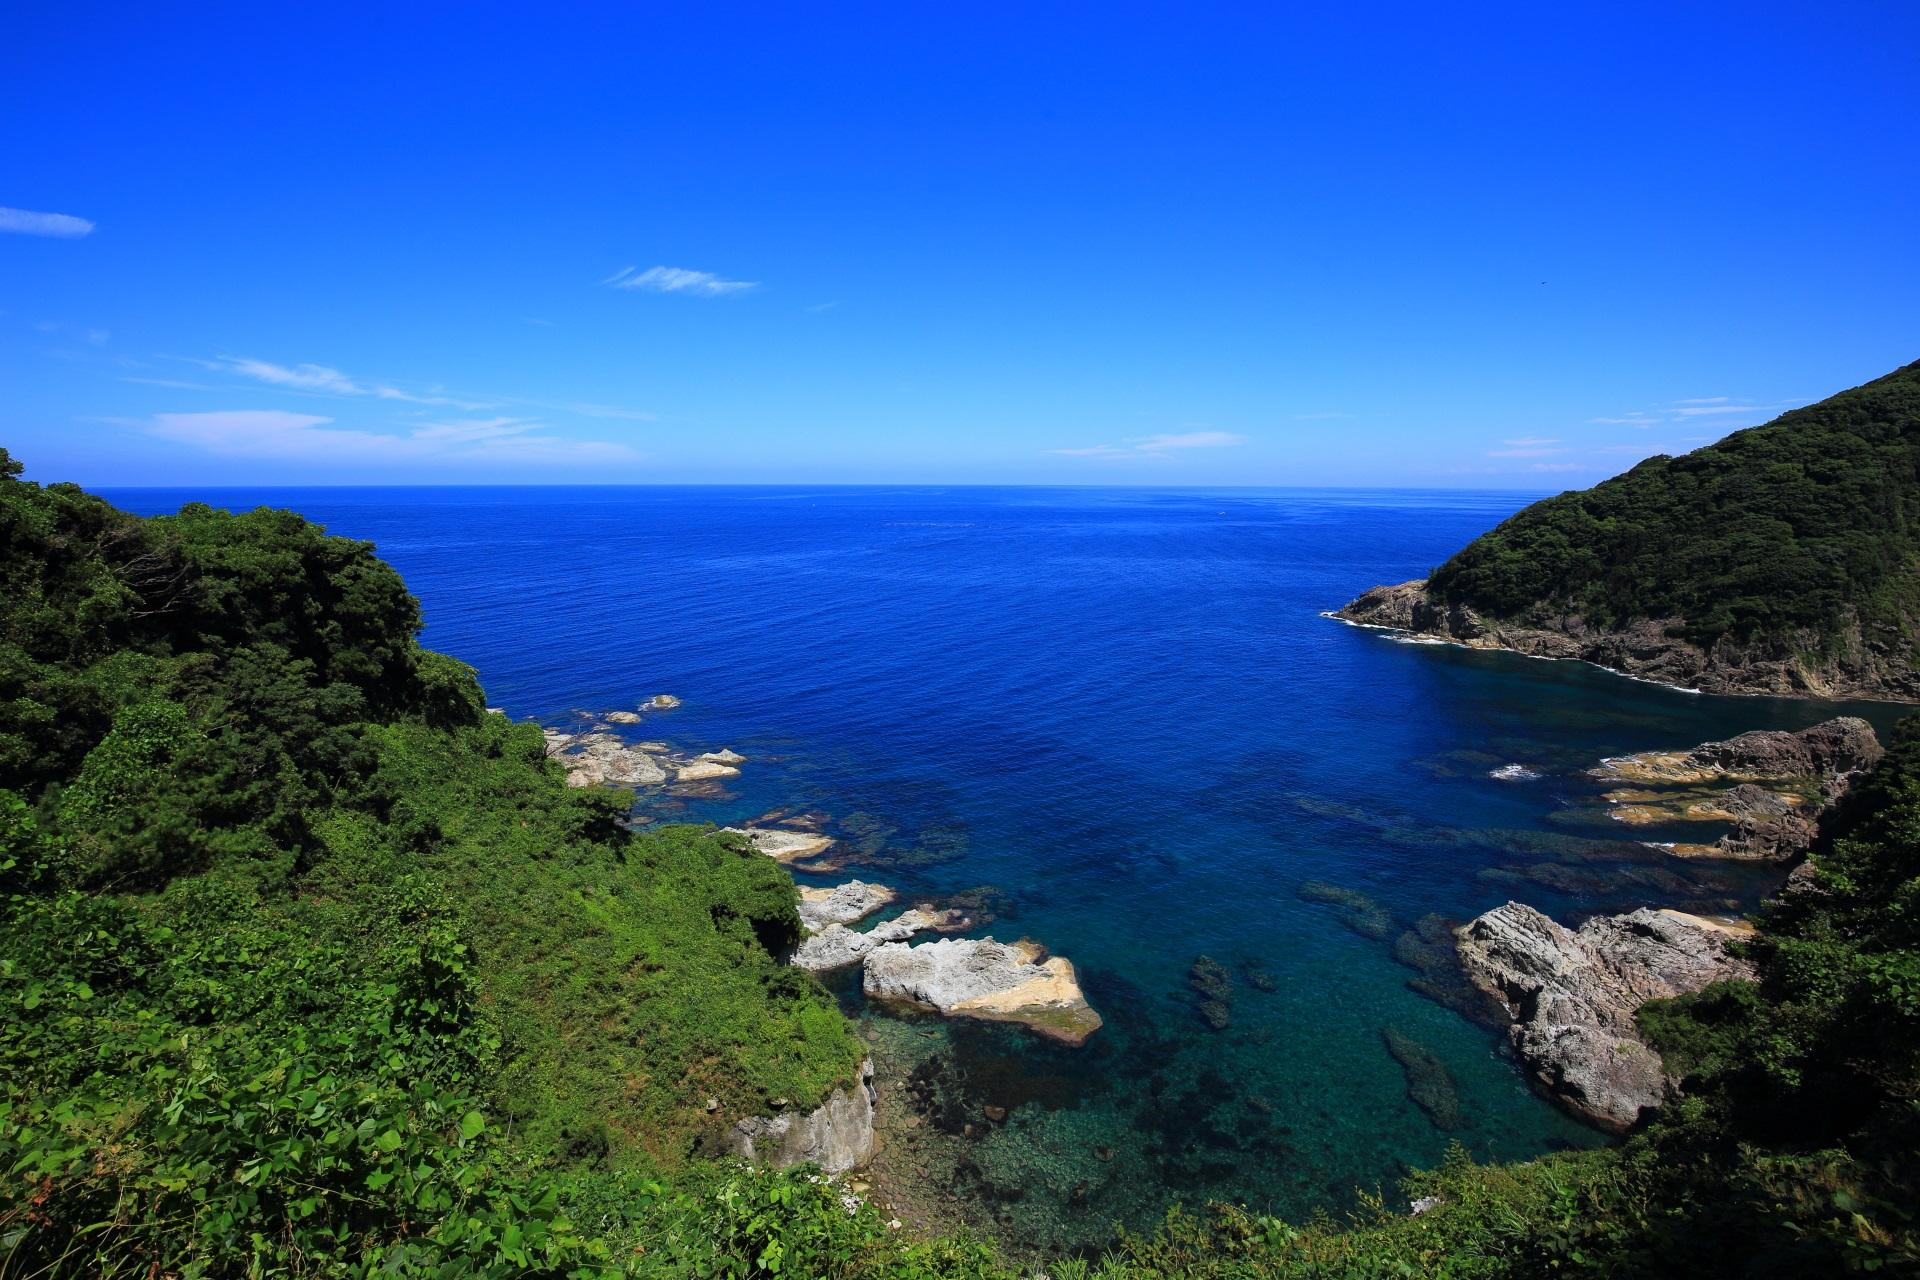 カマヤ海岸と開ける日本海